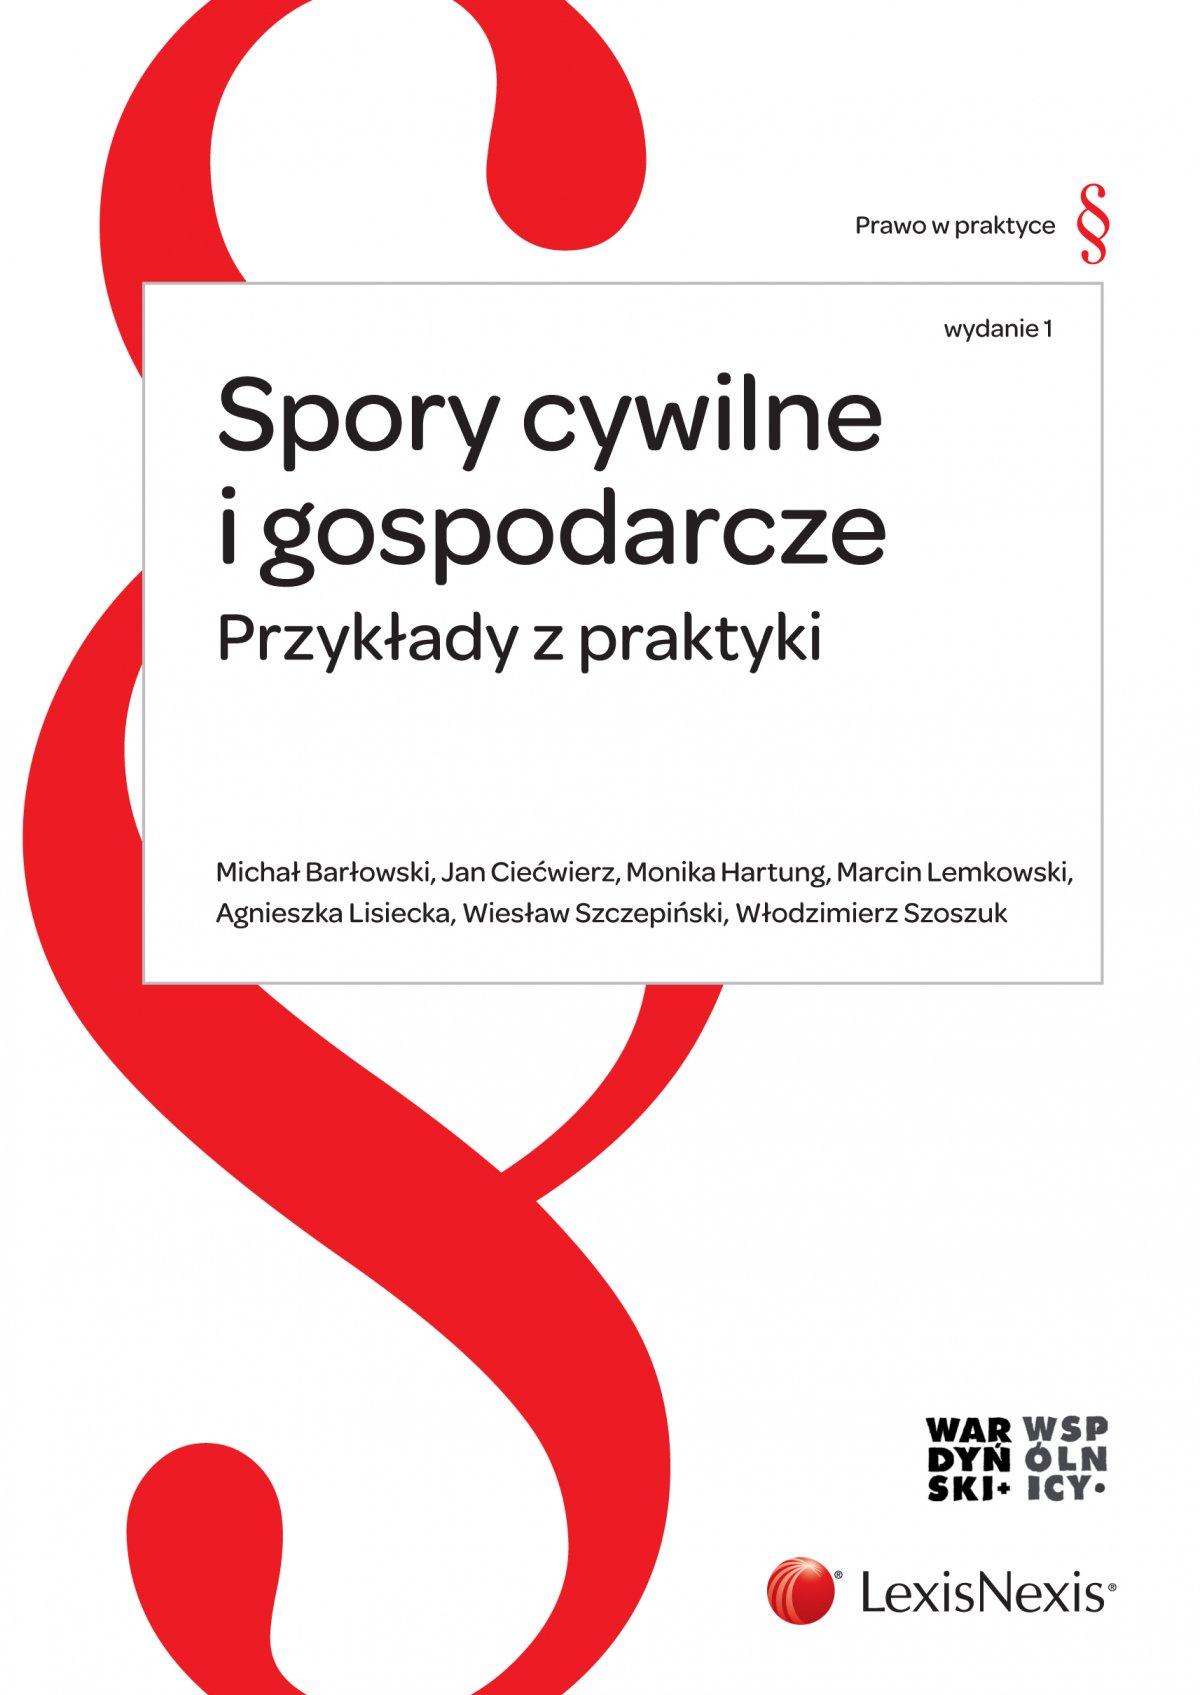 Spory cywilne i gospodarcze. Przykłady z praktyki - Ebook (Książka PDF) do pobrania w formacie PDF